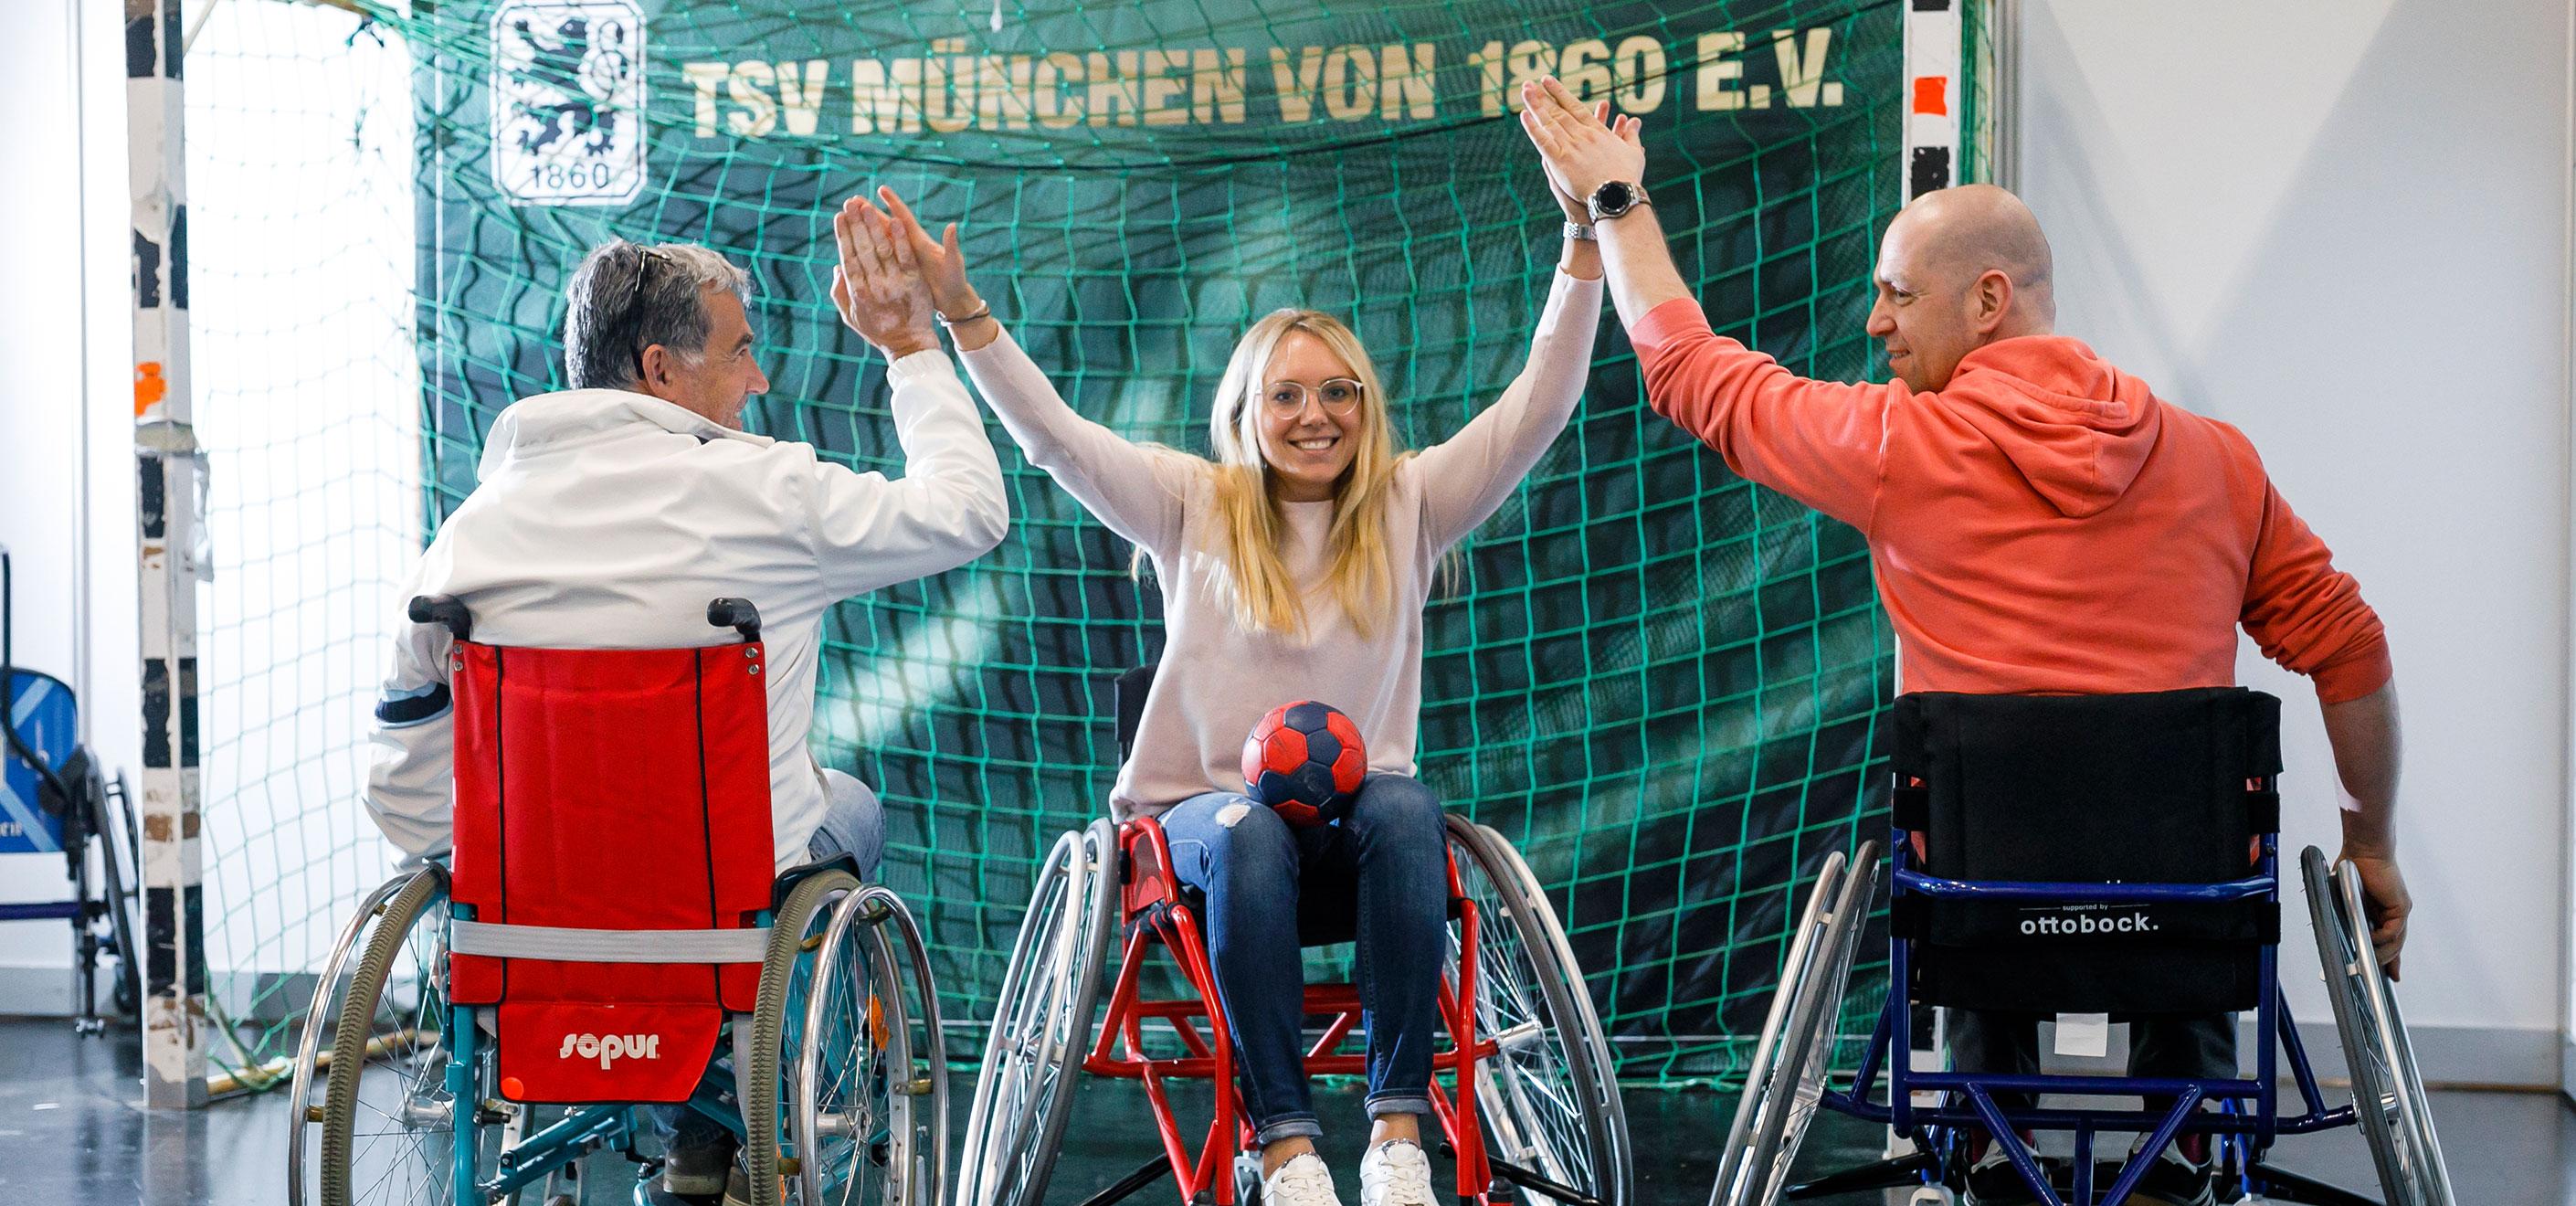 Rückblick Werkstätten:Messe 2020 - Sportprogramm